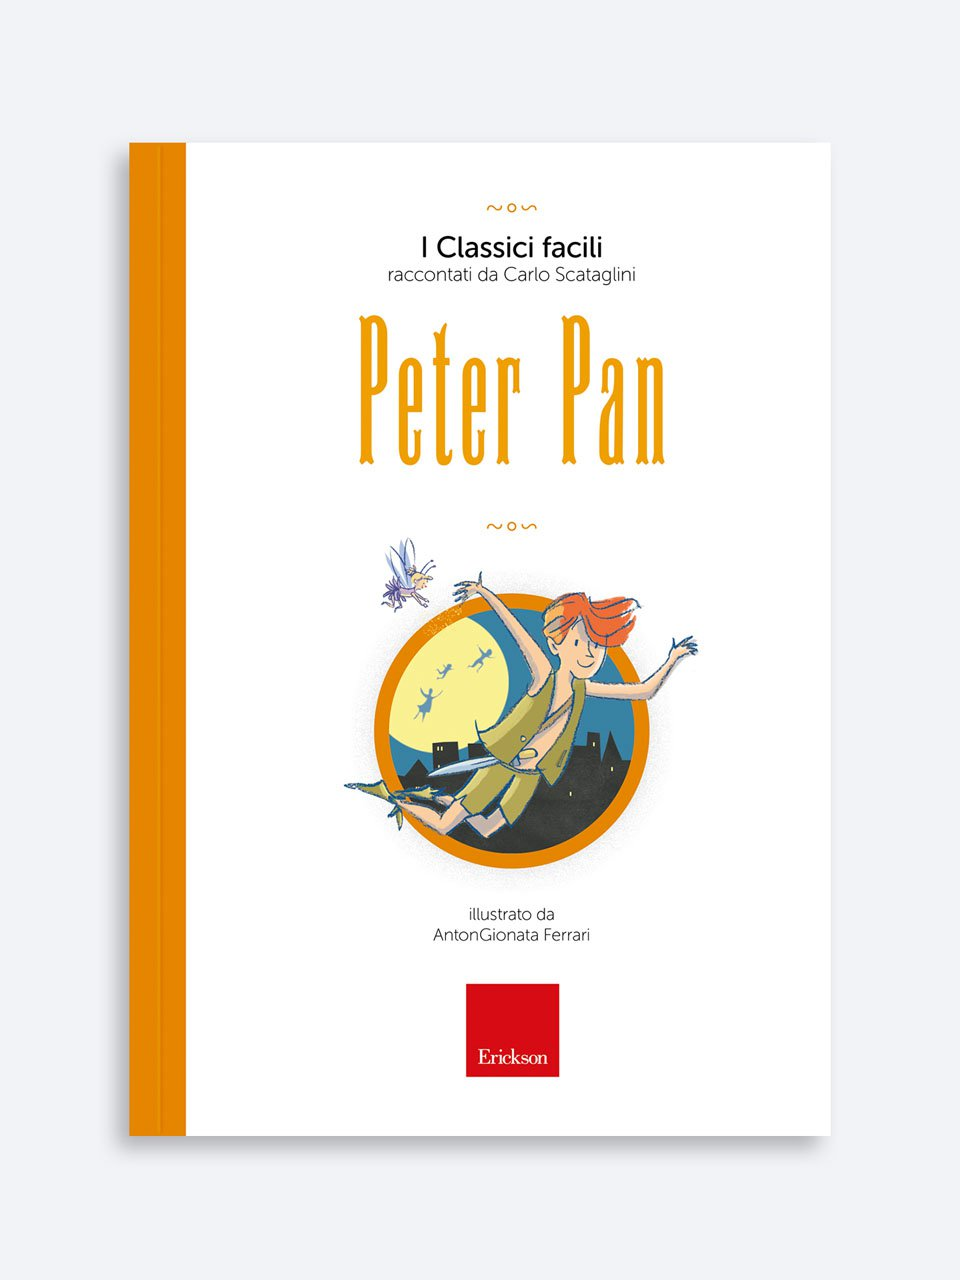 Peter Pan - Libri e corsi su DSA e disturbi specifici dell'apprendimento - Erickson